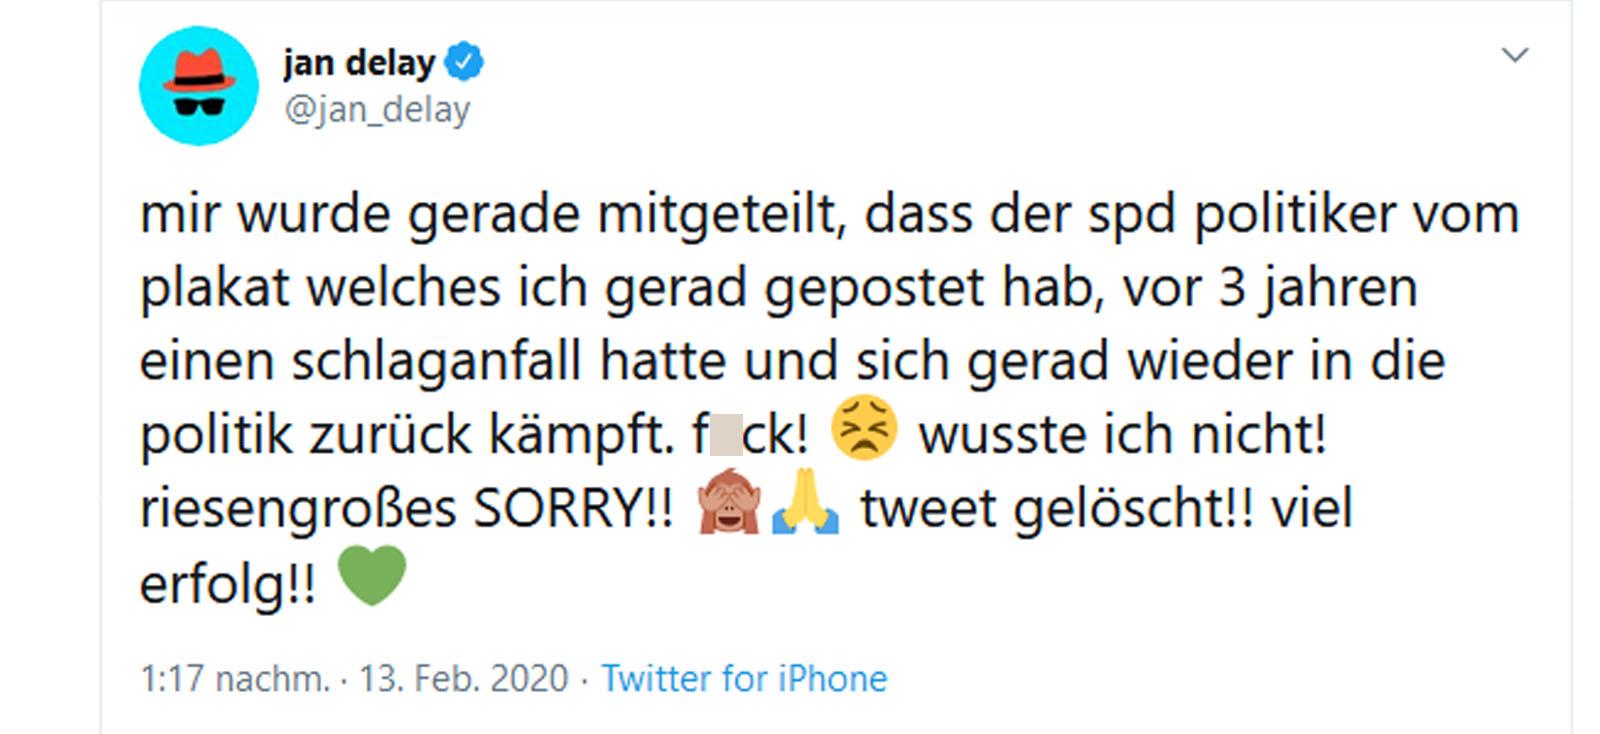 Jan Delay entschuldigt sich bei Politiker